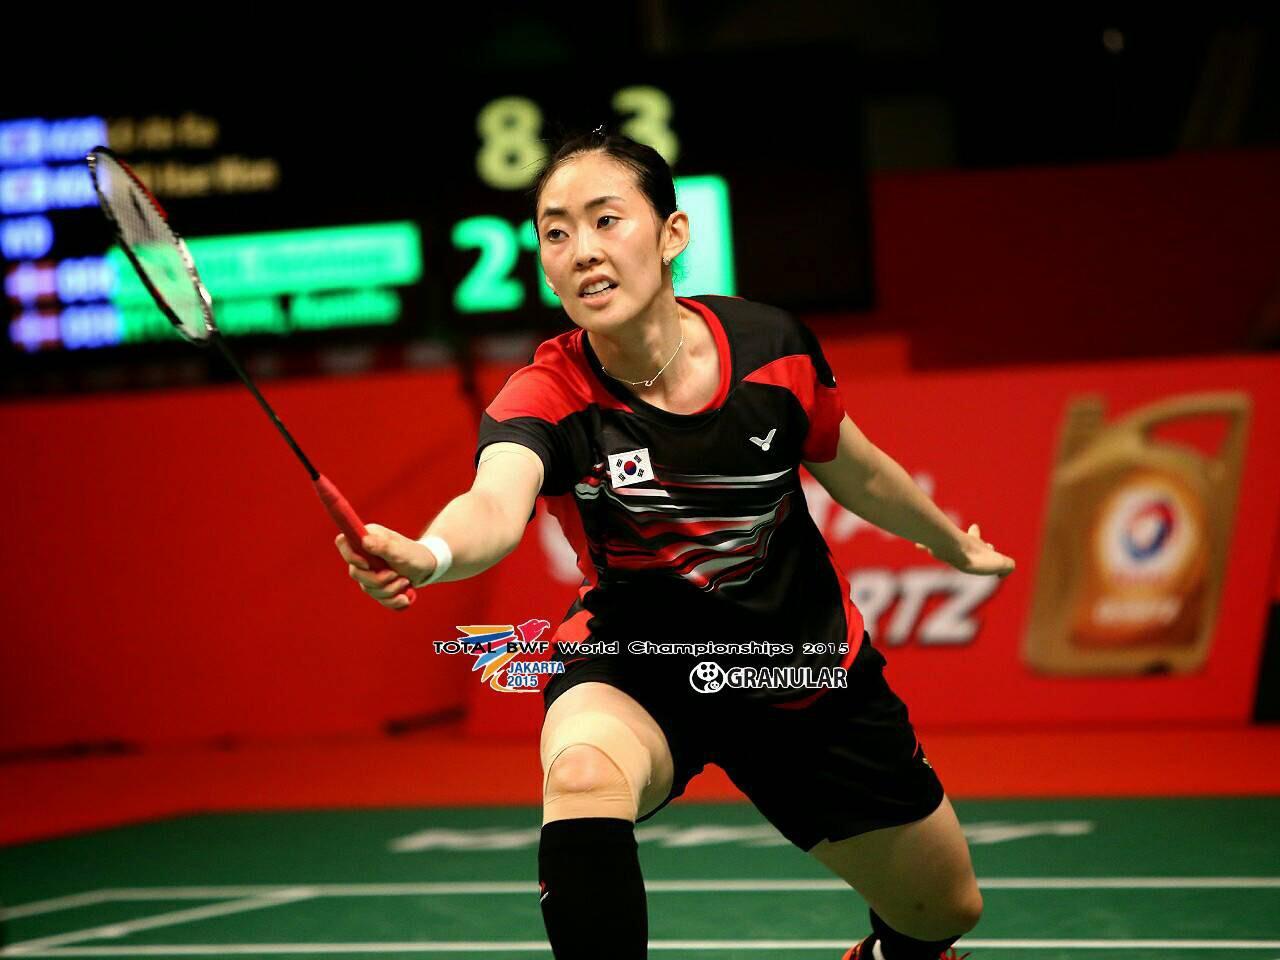 กิ้ฟท์ วิว แพ้ Hye Rin KIM YOO Hae Won จากเกาภลี 2 0 เกม ในศึก